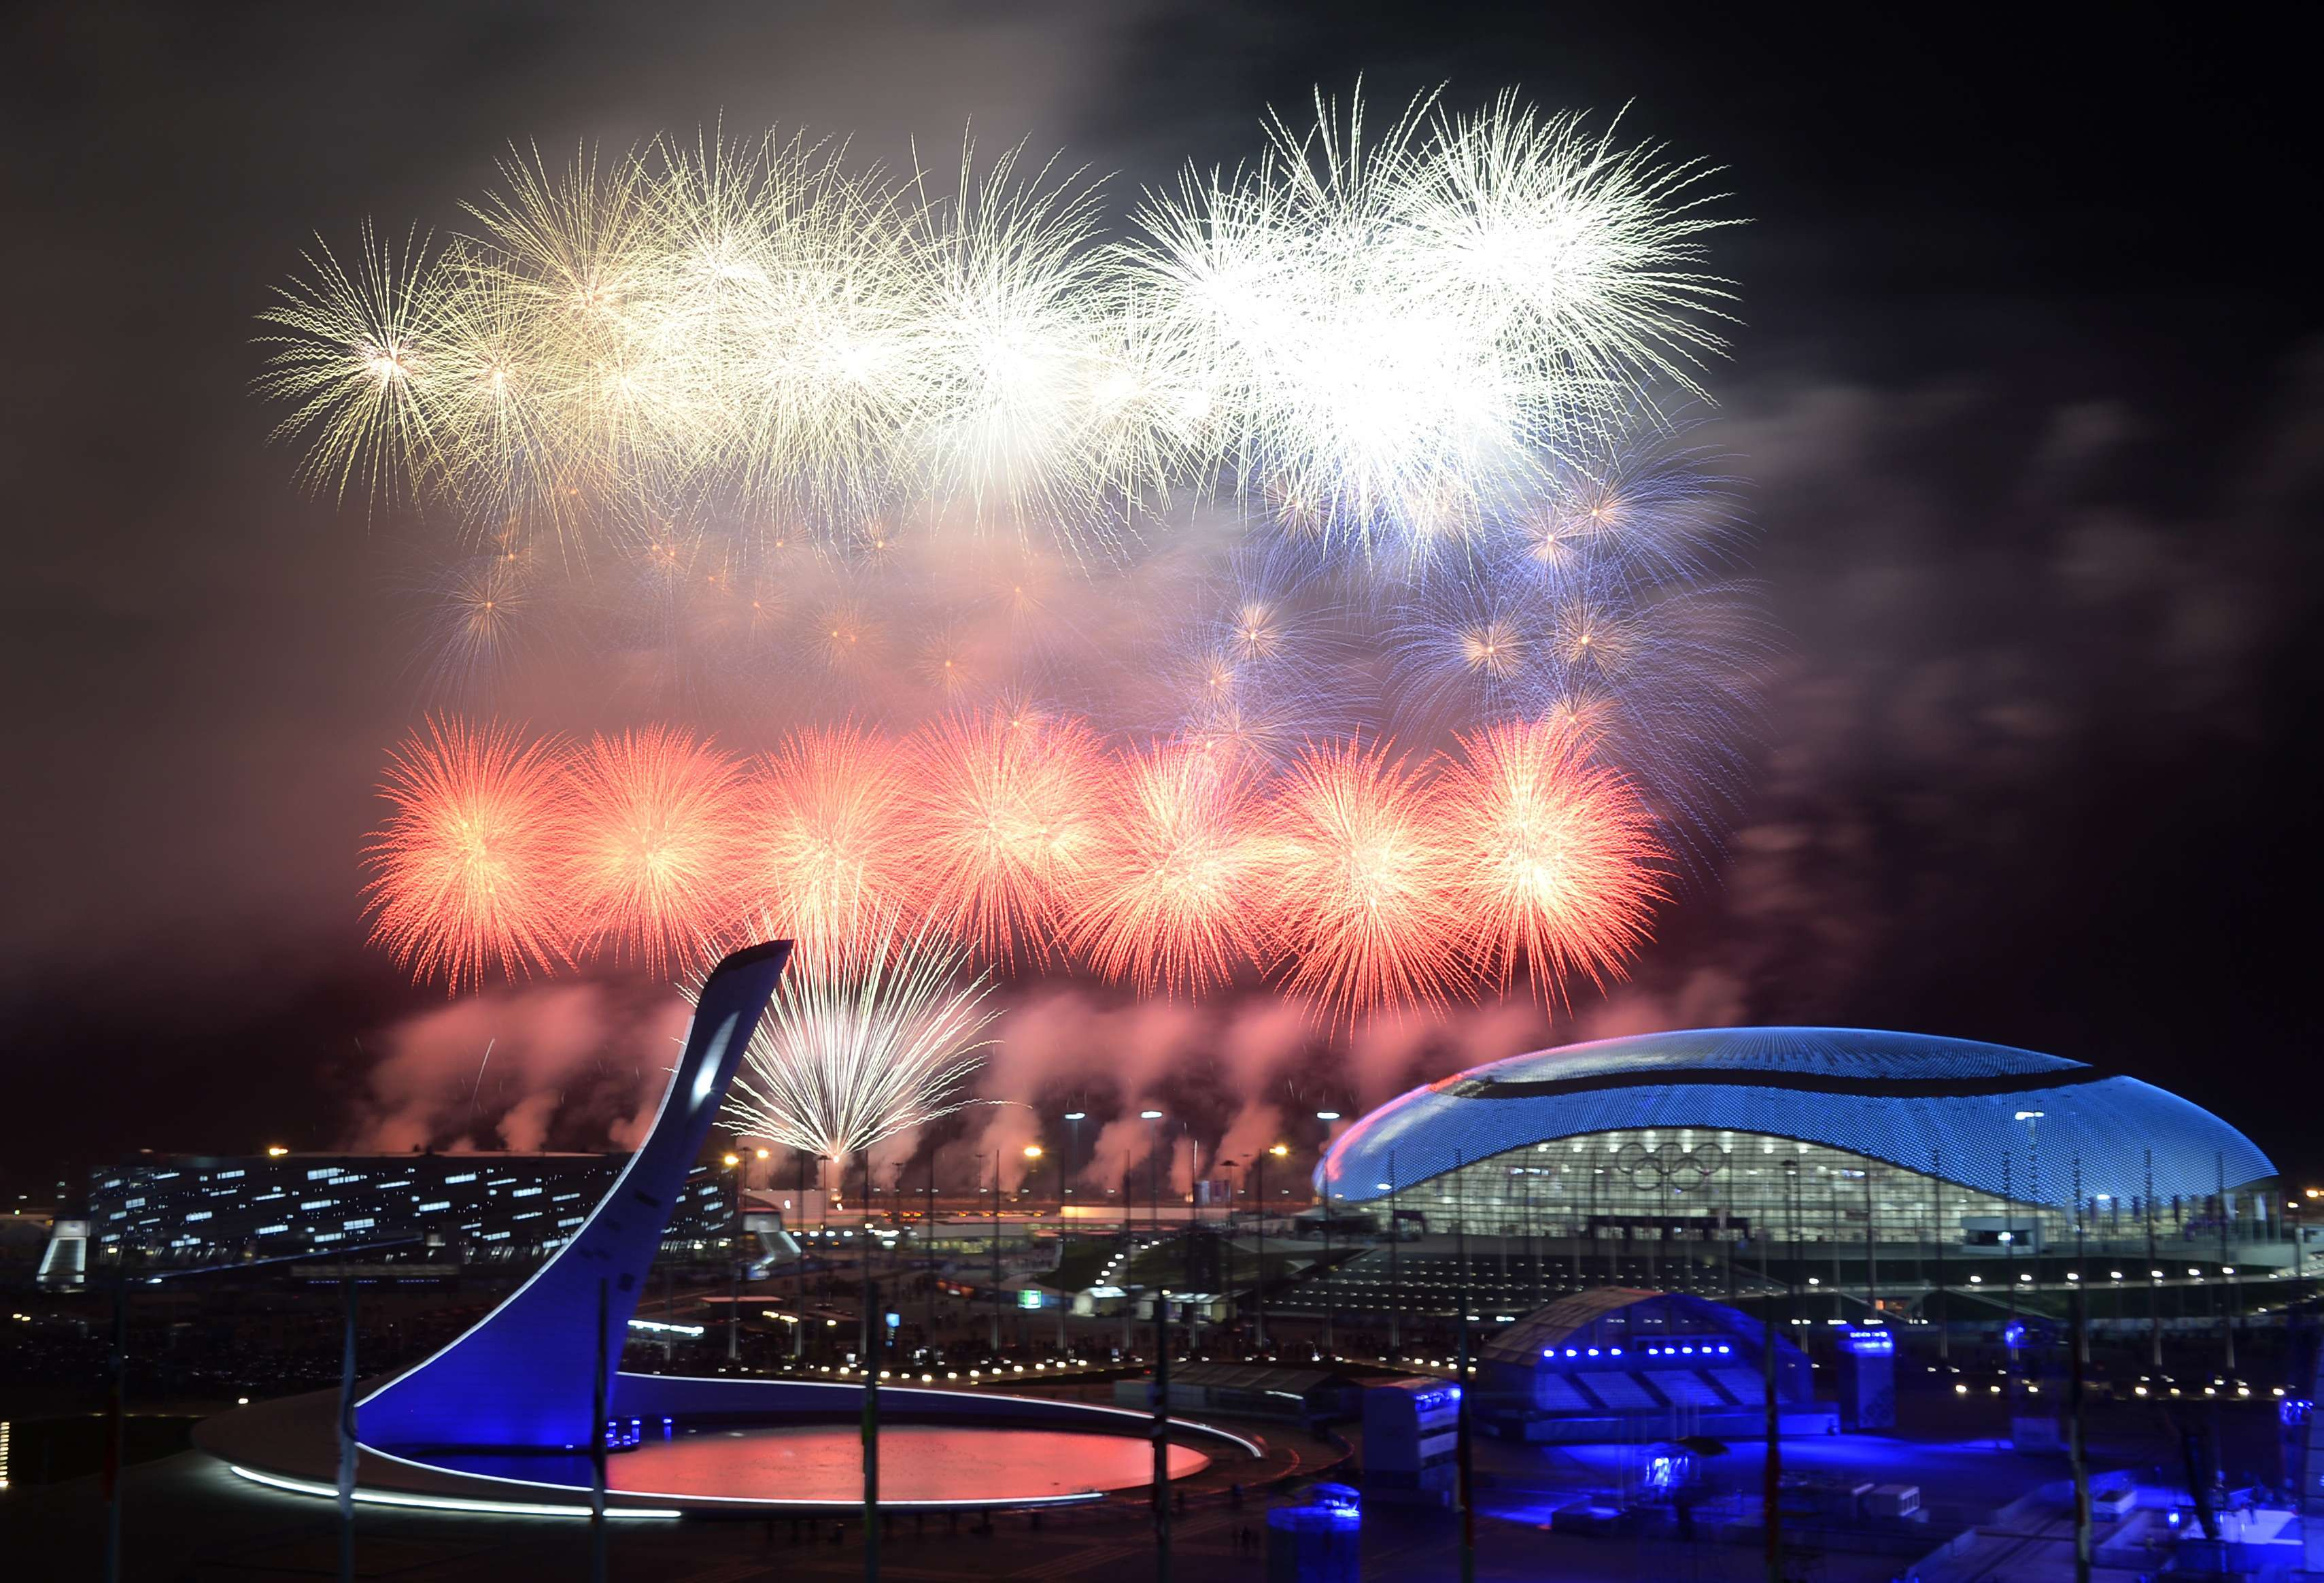 Sochi termina su cita olímpica con aciertos y errores